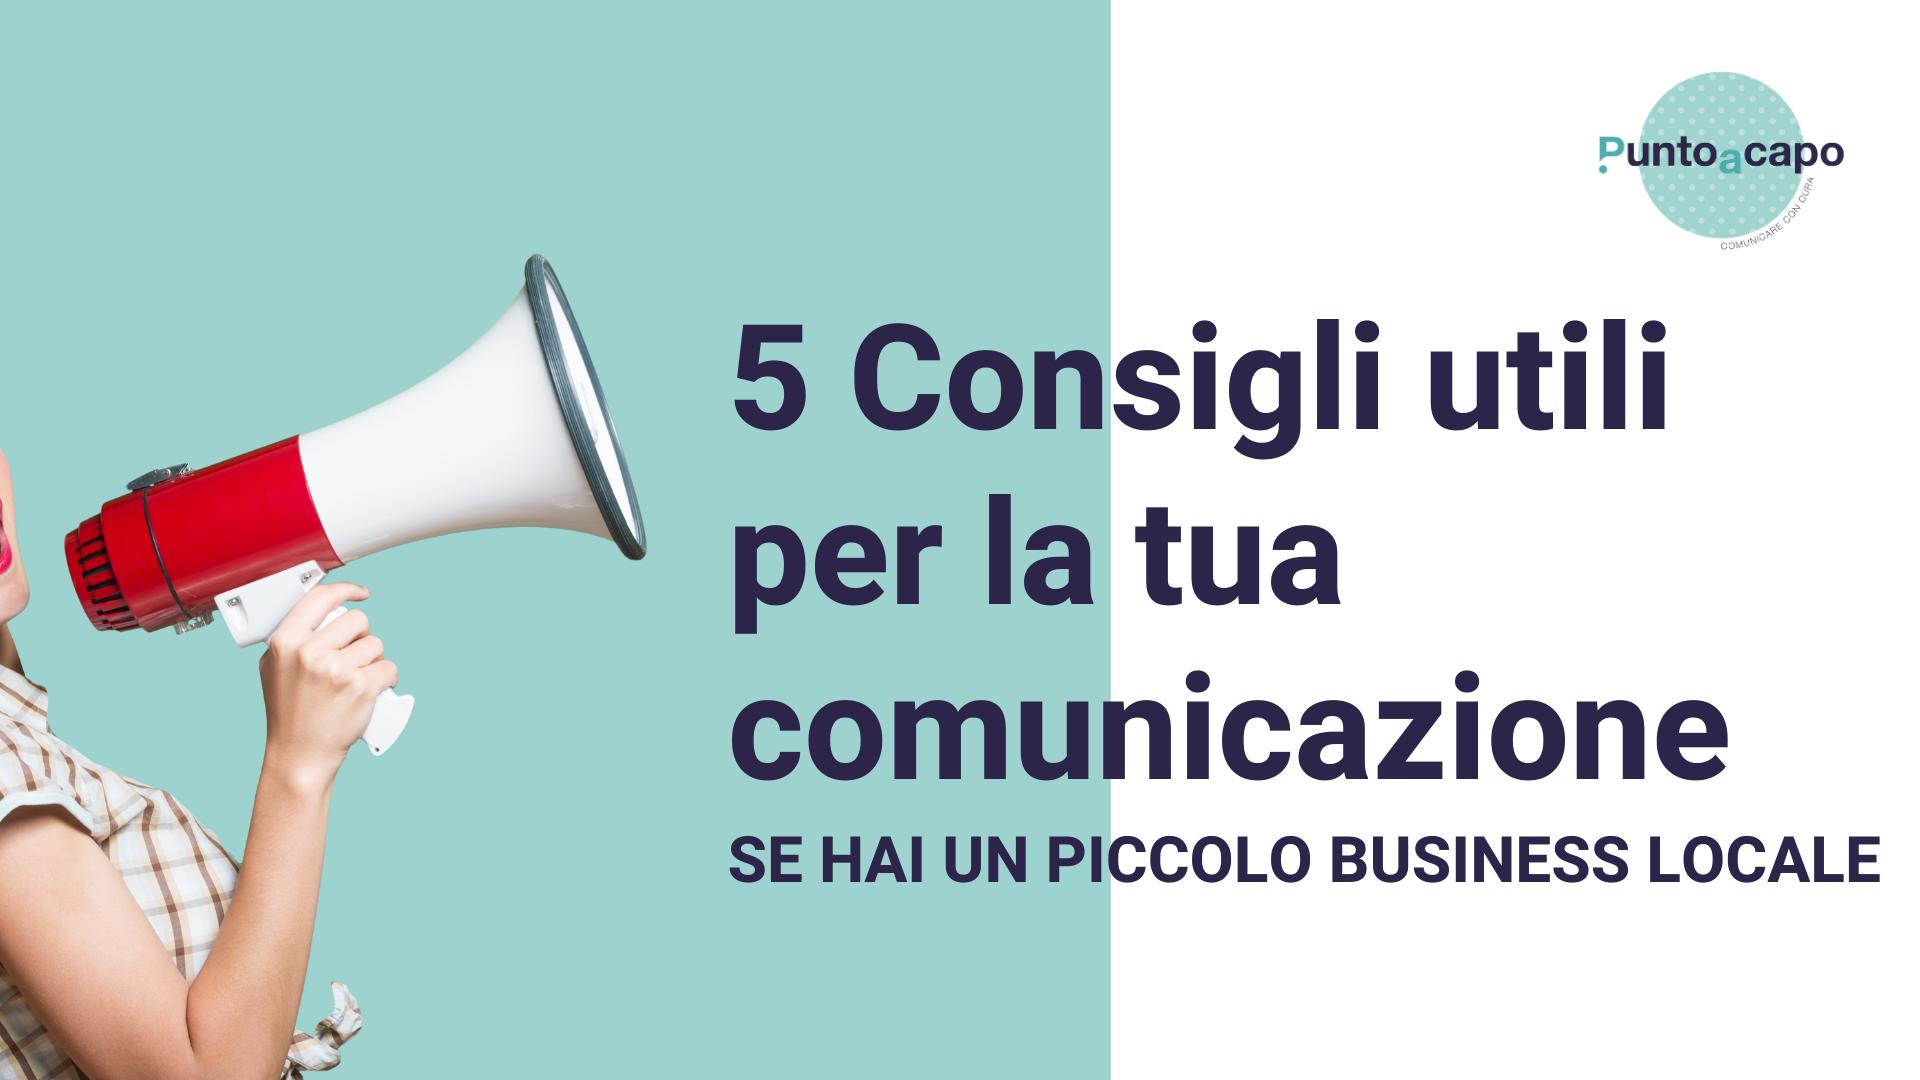 5 Consigli per migliorare la tua comunicazione